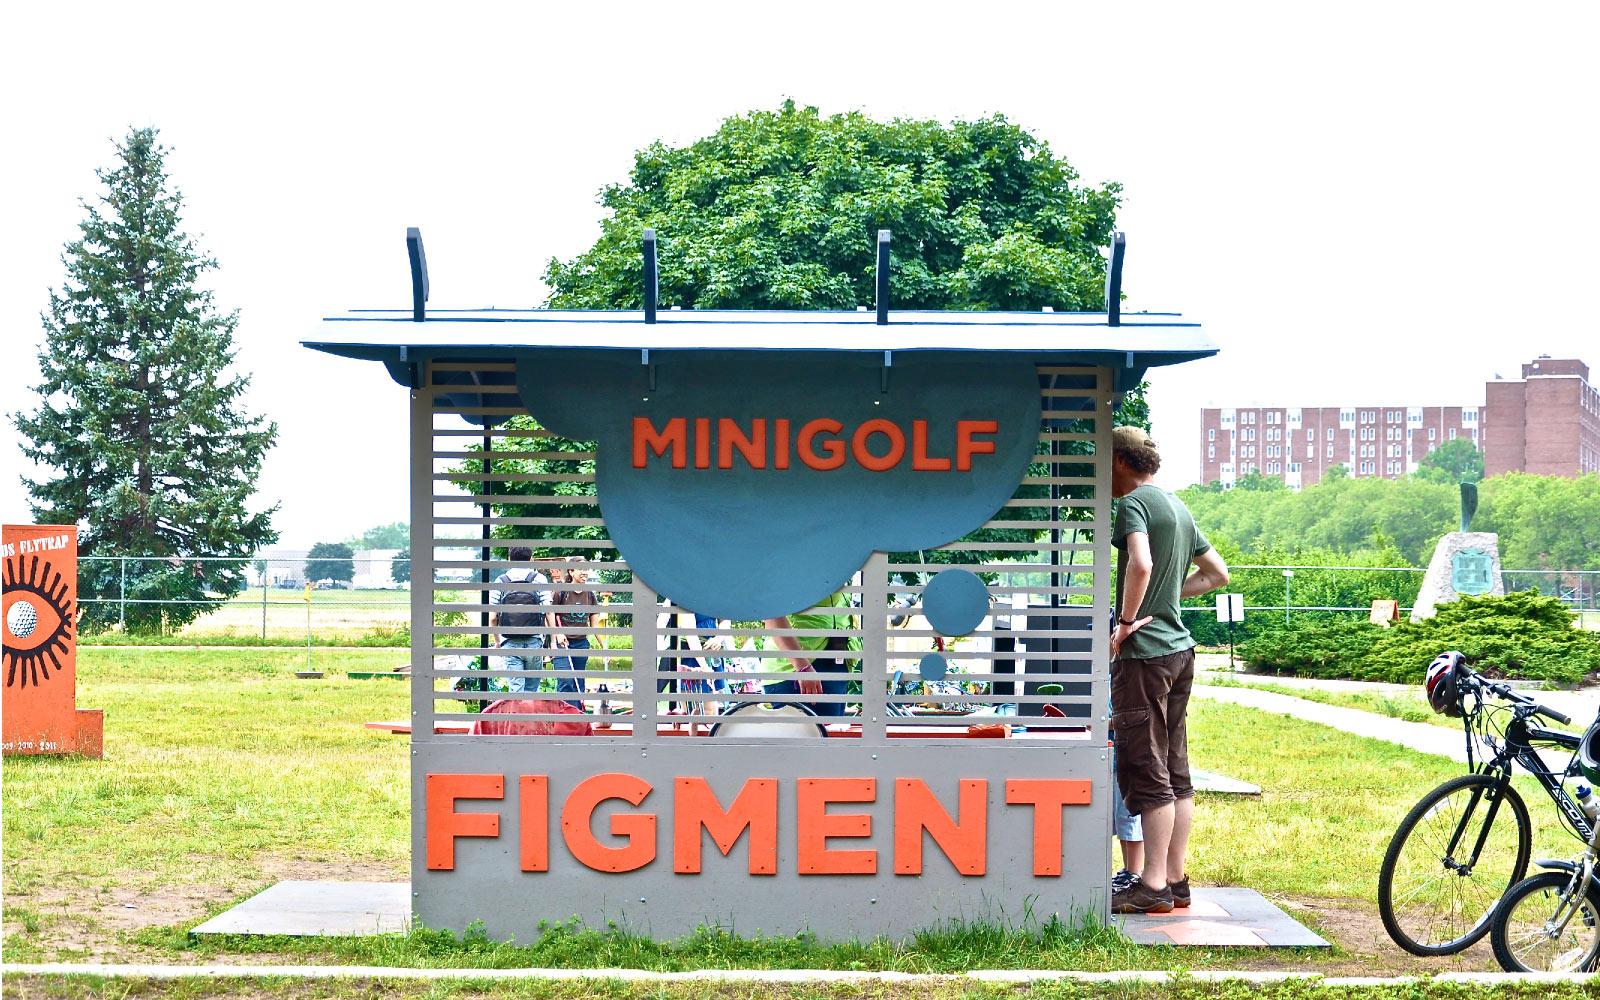 Figment-Minigolf